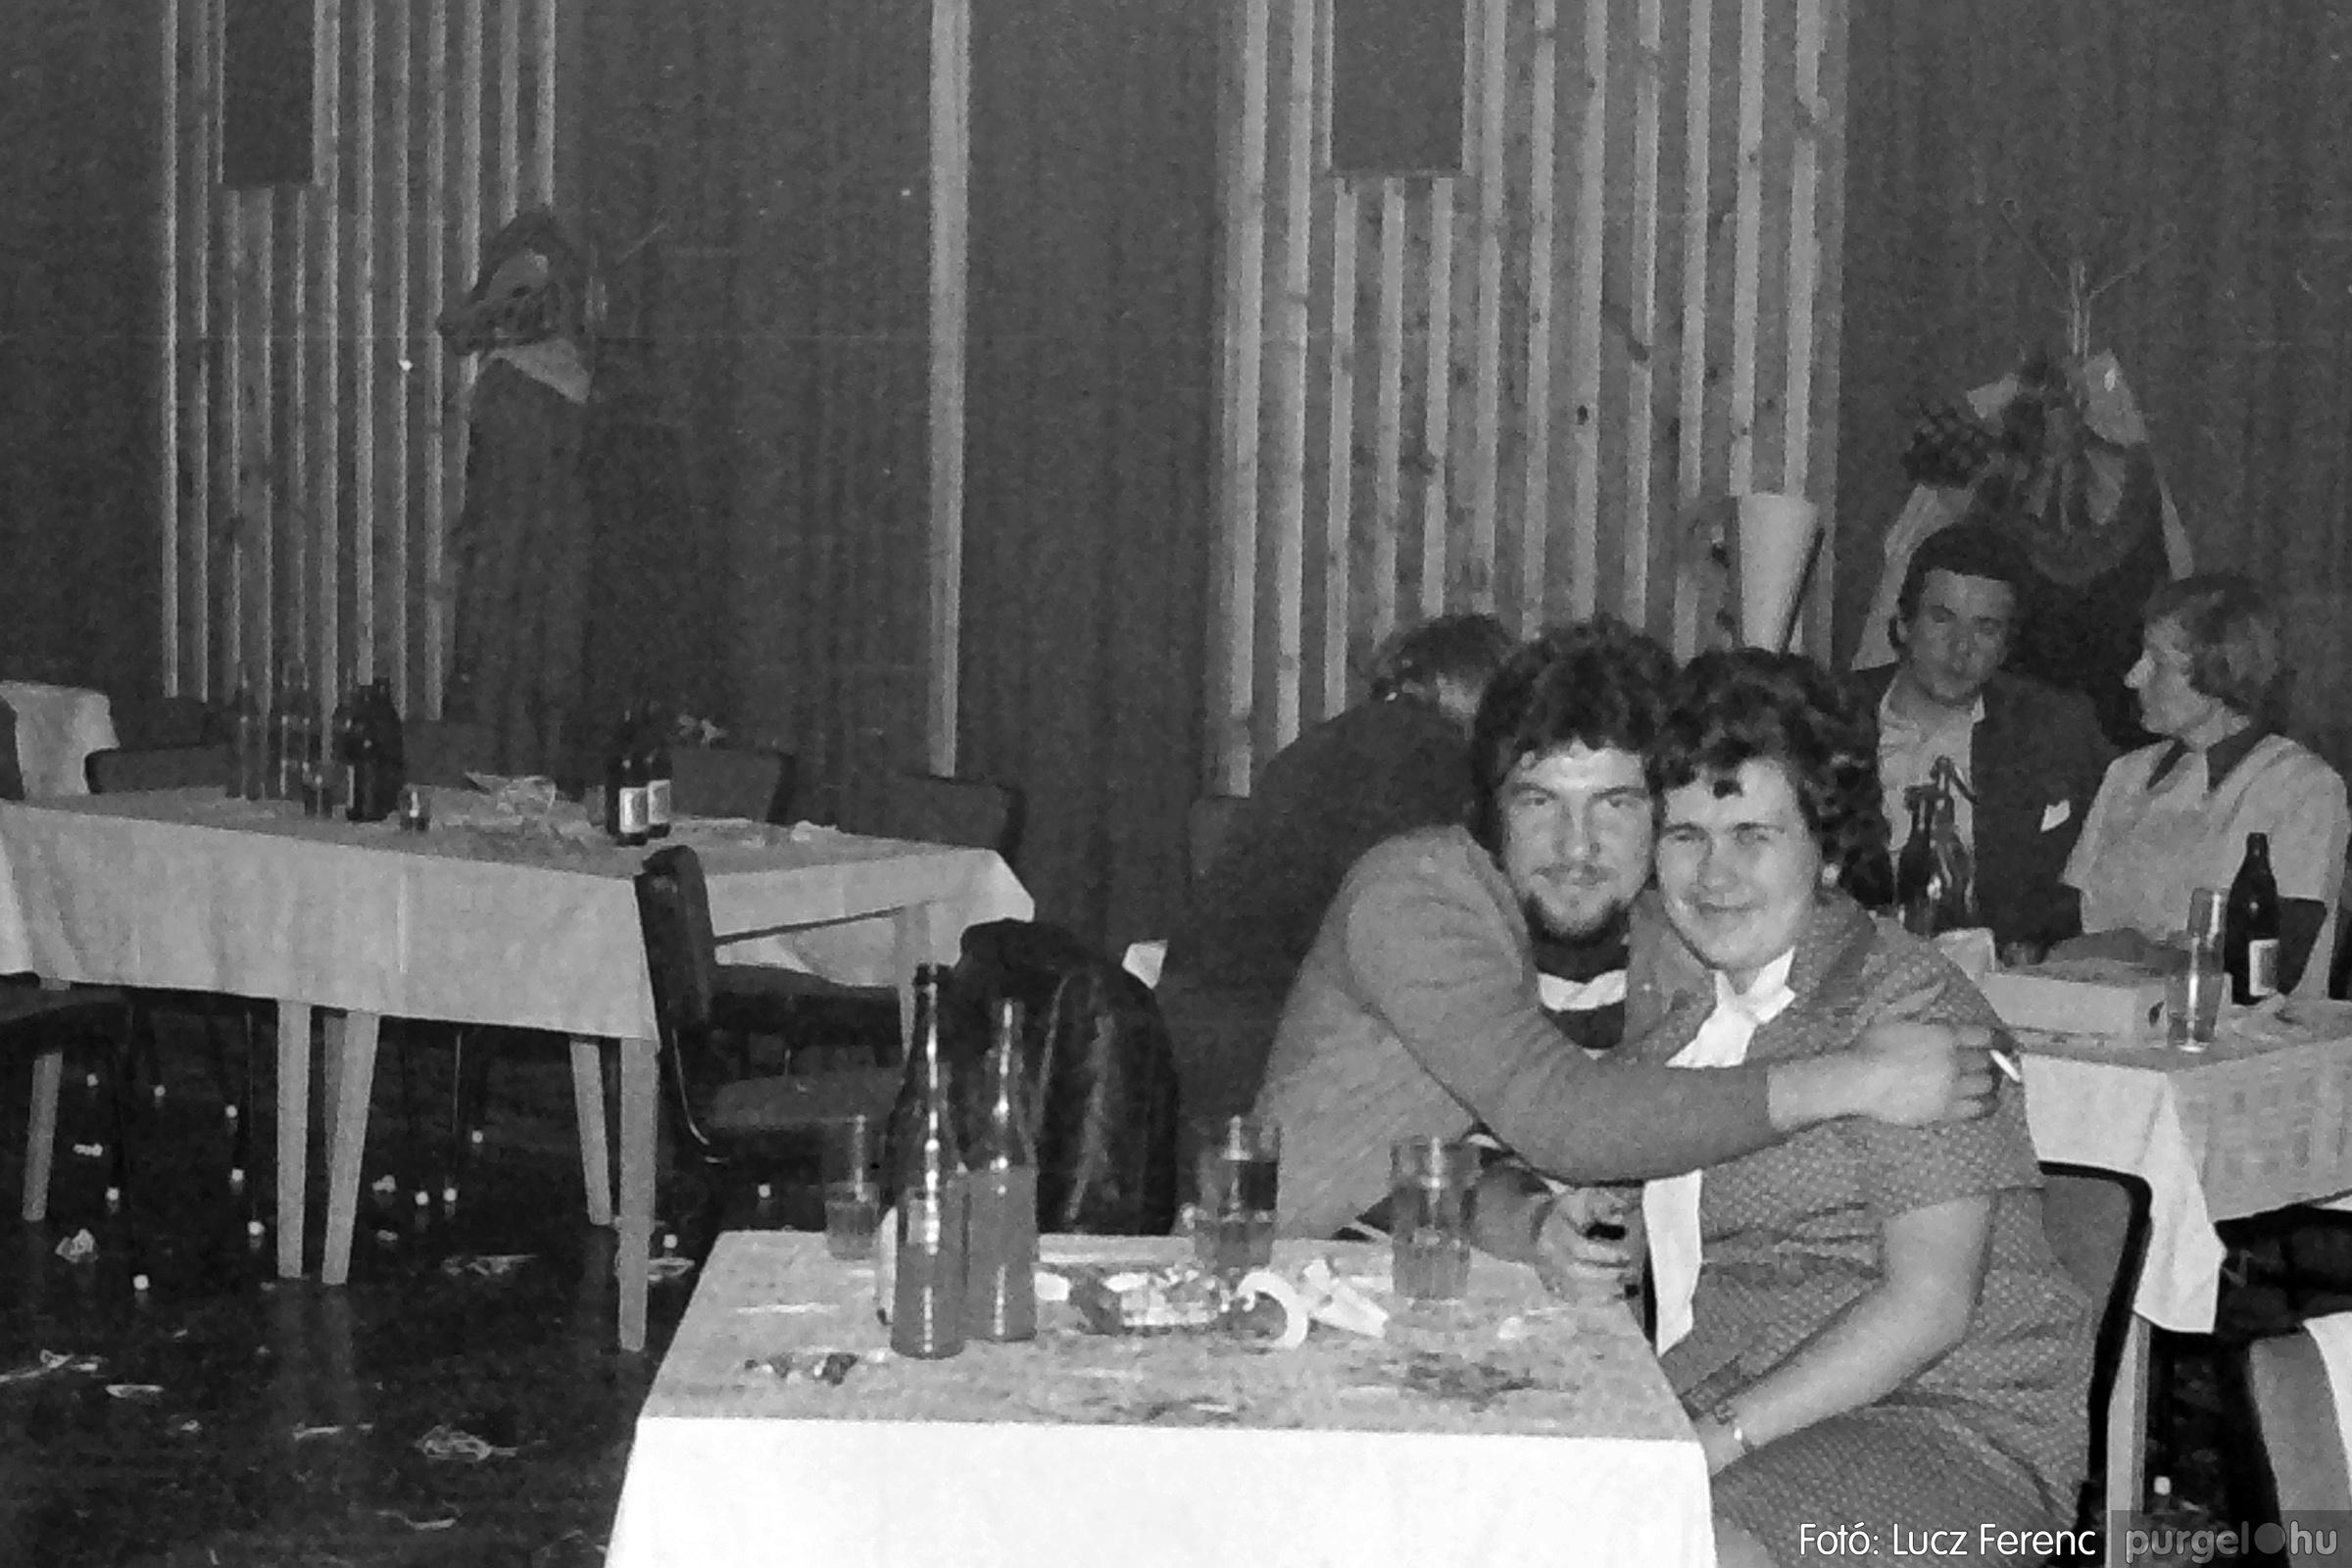 070. 1976.12.31. Szilveszter a kultúrházban 014. - Fotó: Lucz Ferenc.jpg